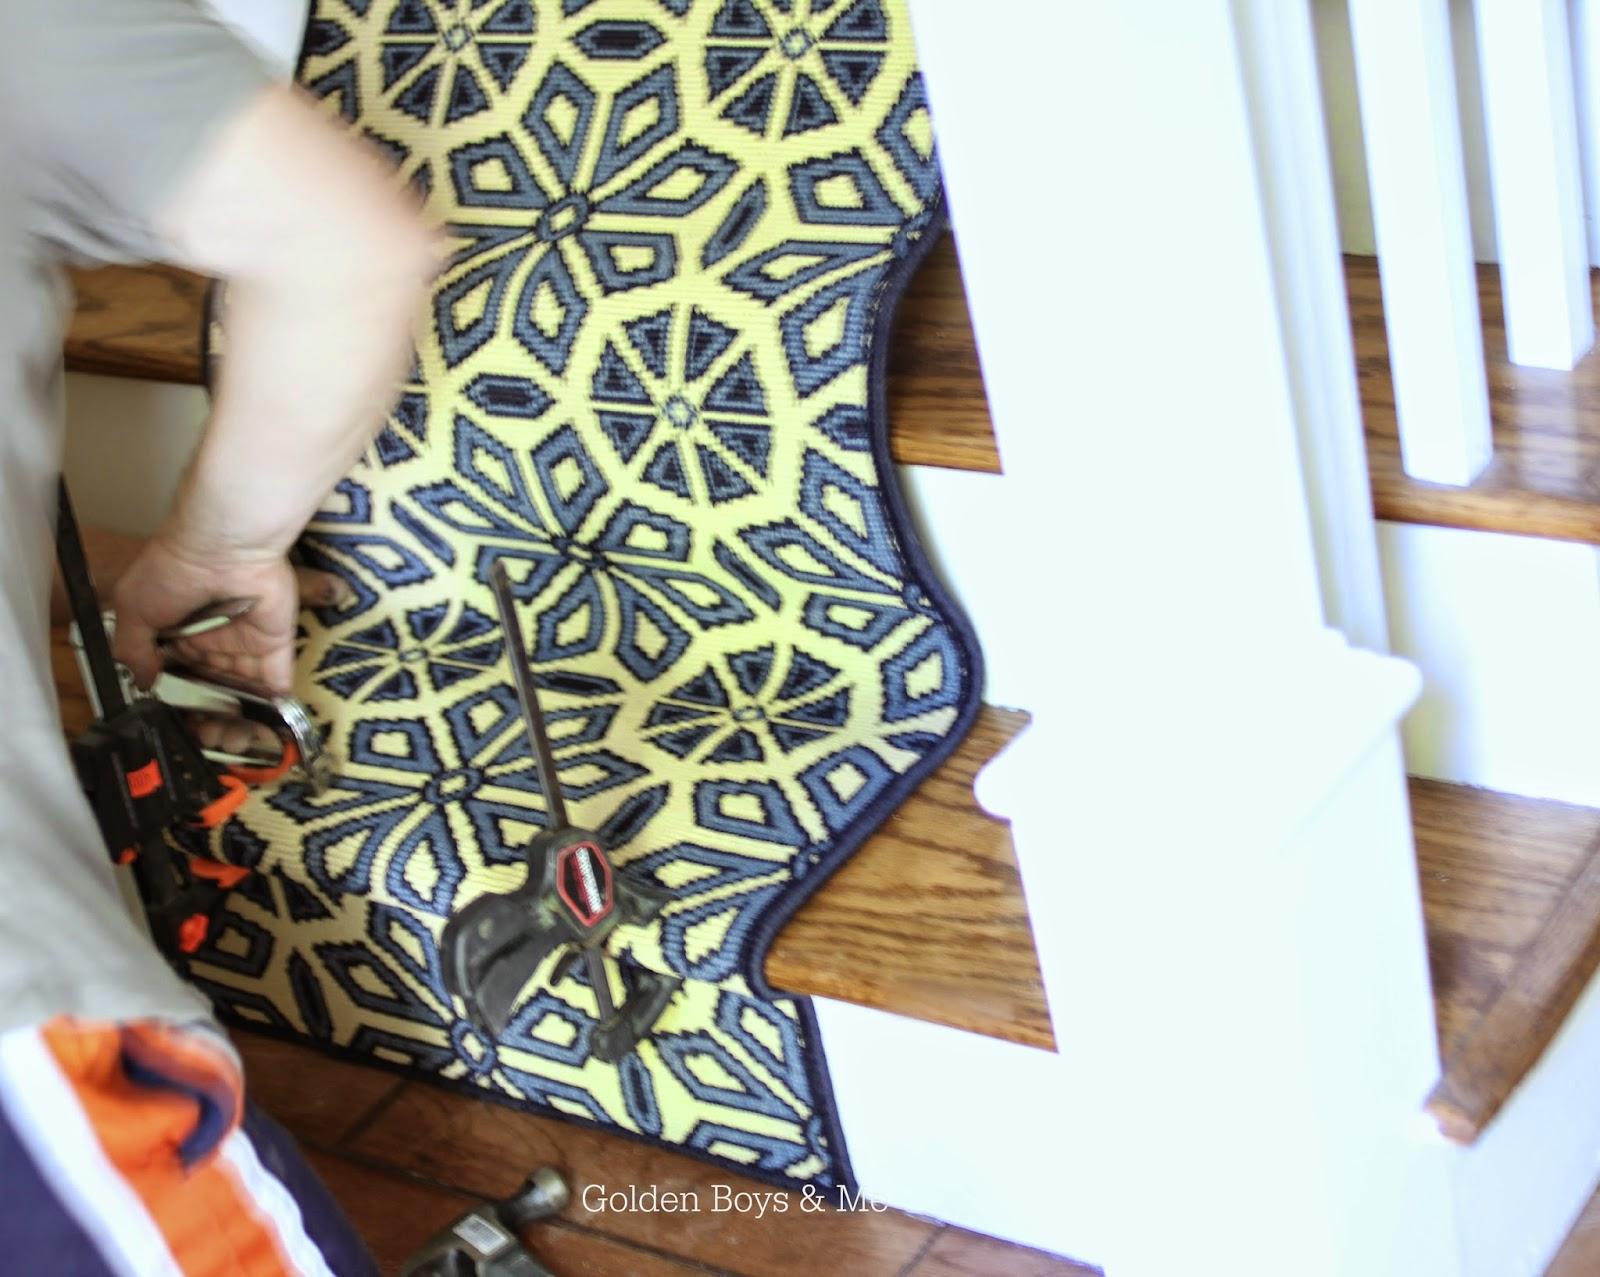 Split level foyer with DIY stair runner-www.goldenboysandme.com